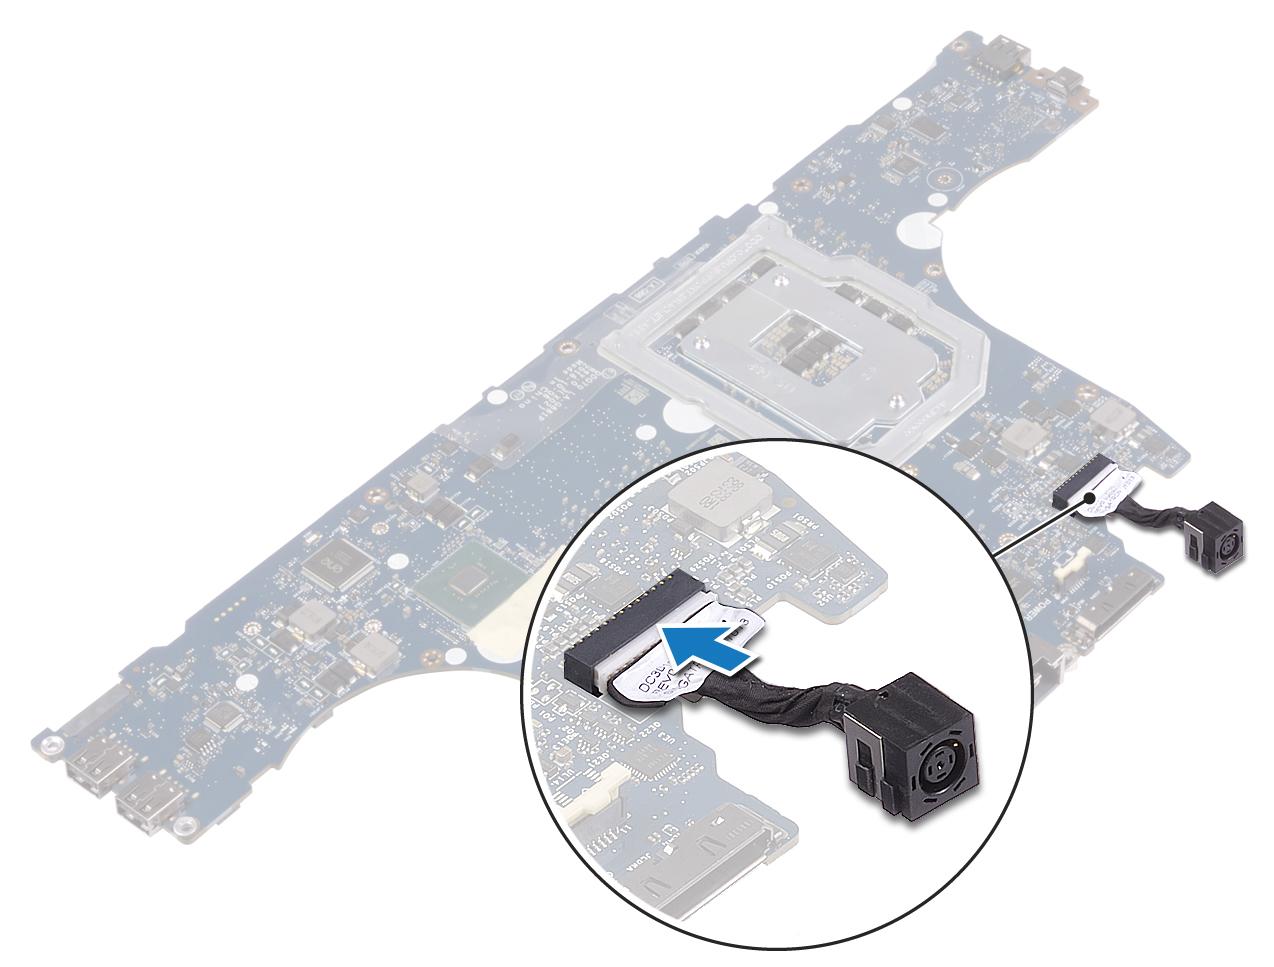 圖:裝回右側電源變壓器連接埠